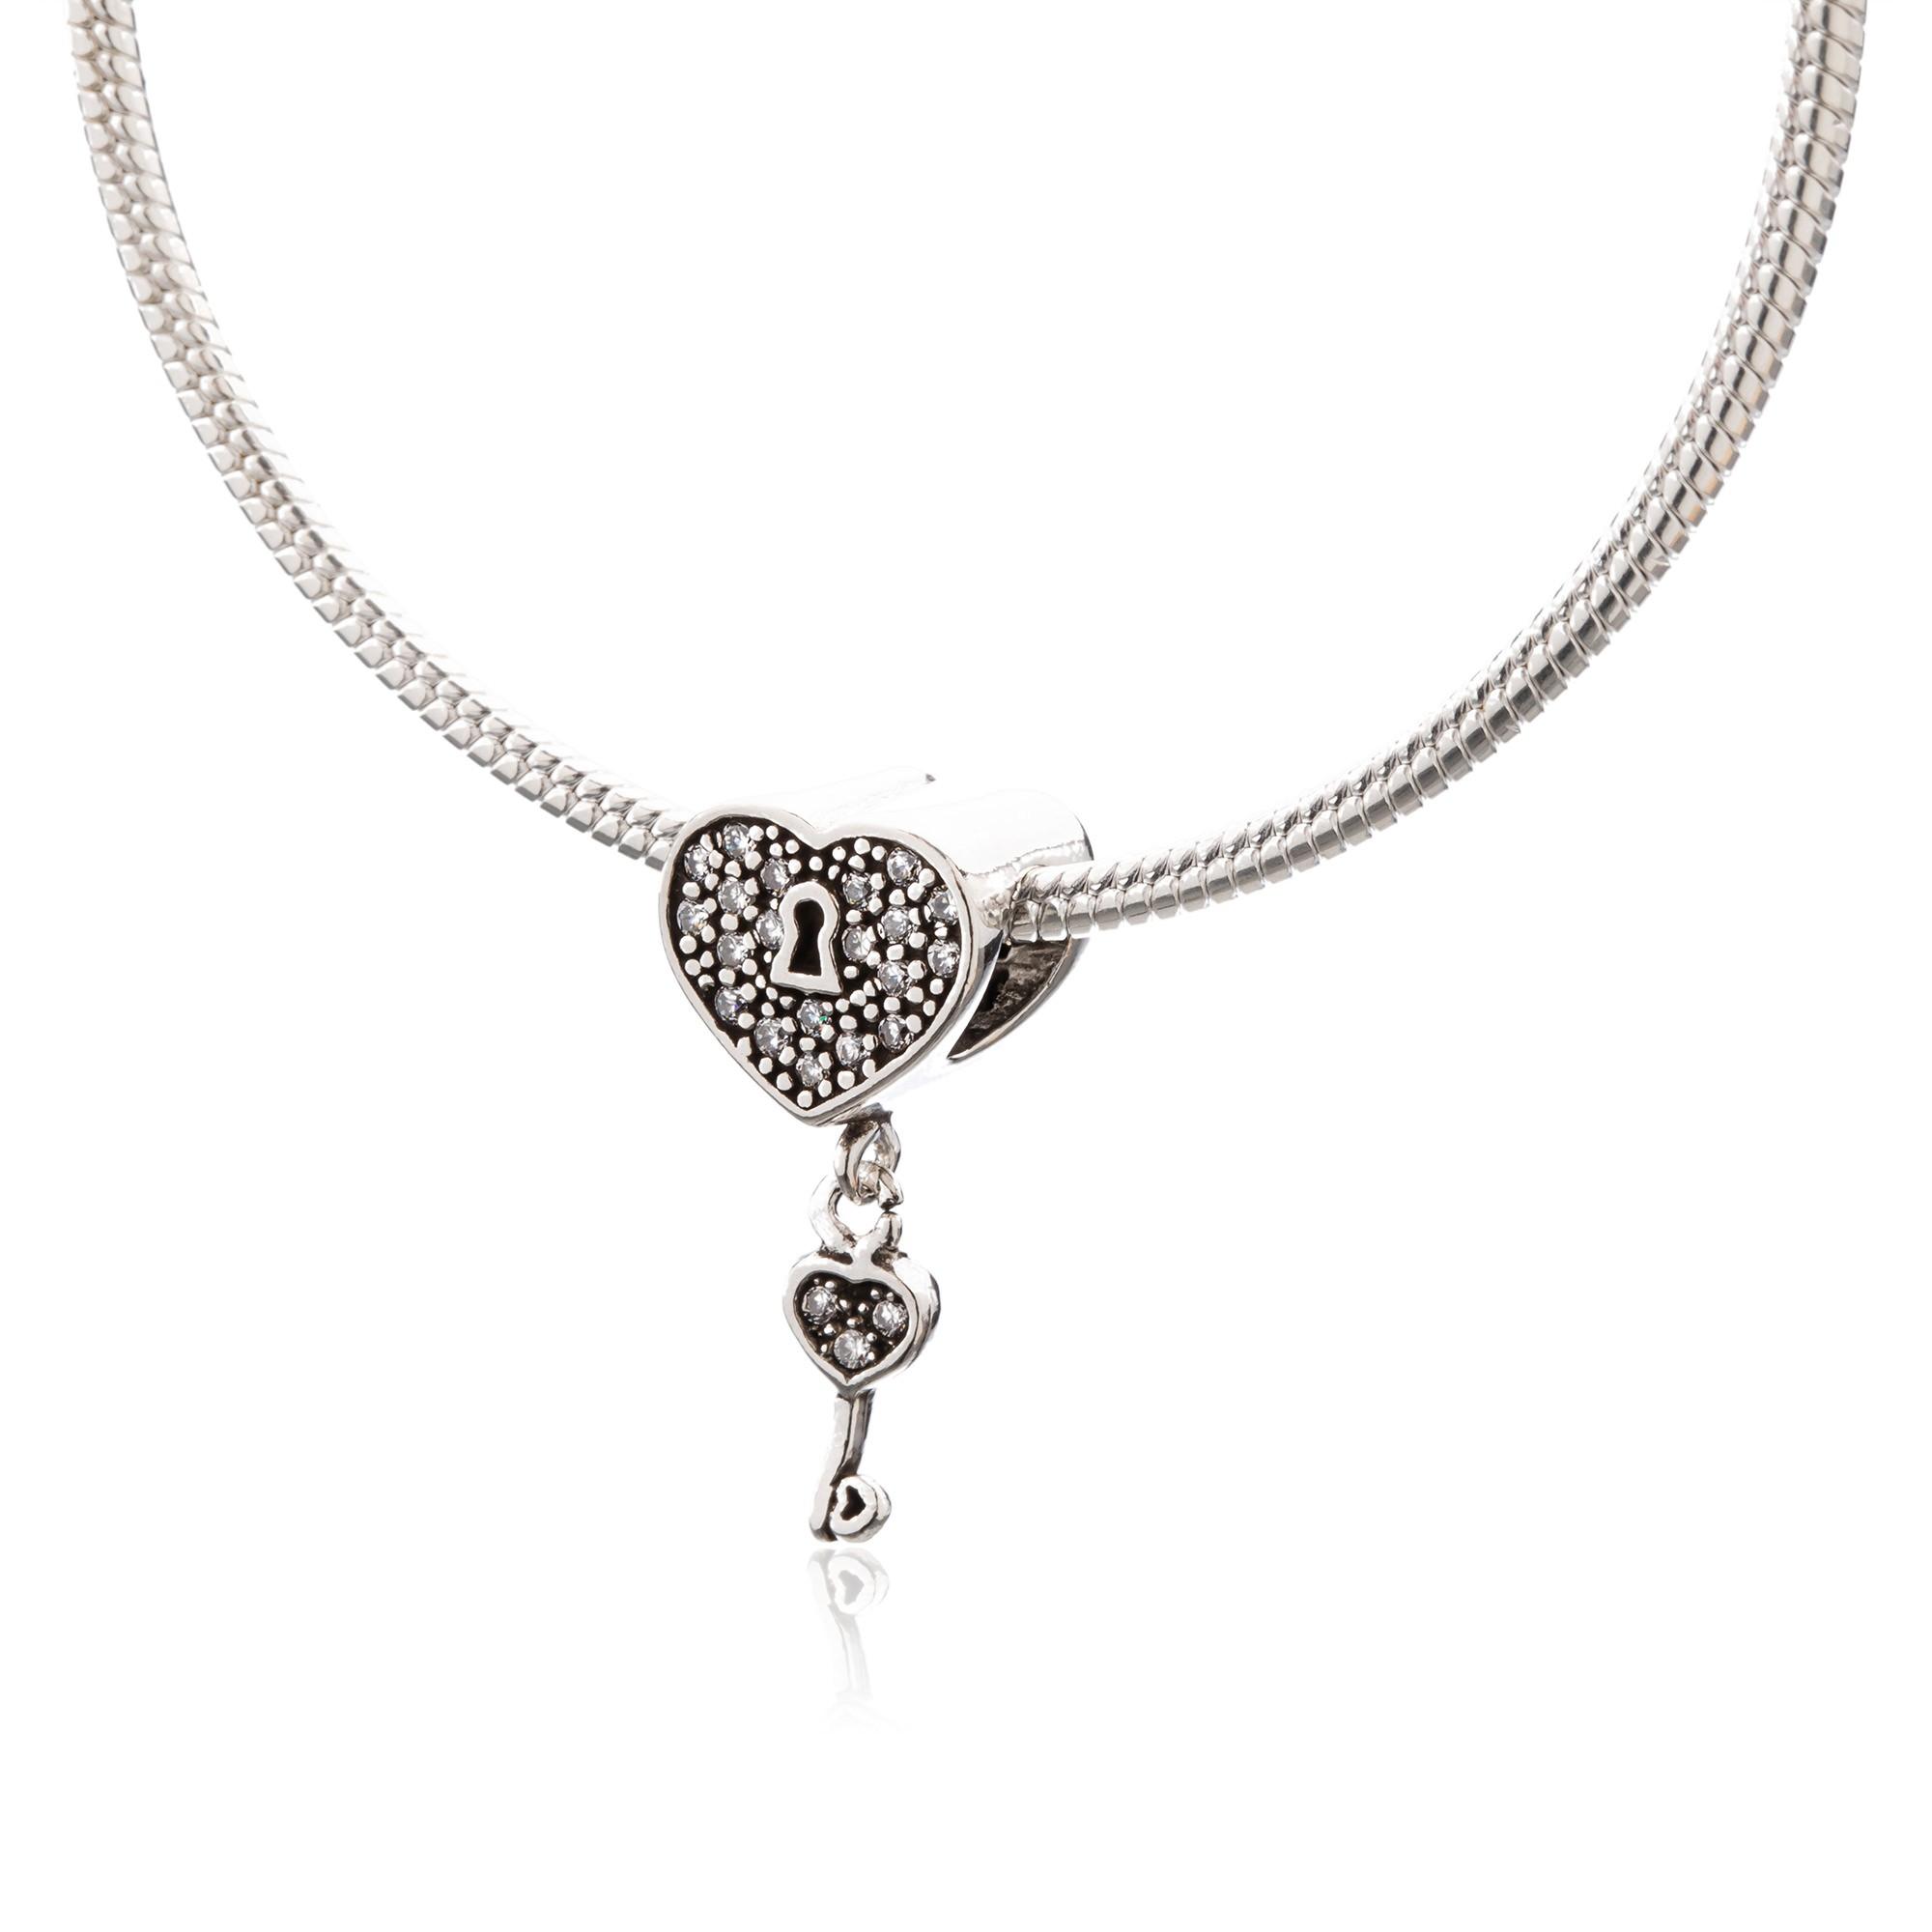 Berloque Coração e Chave com Zircônias em Prata 925